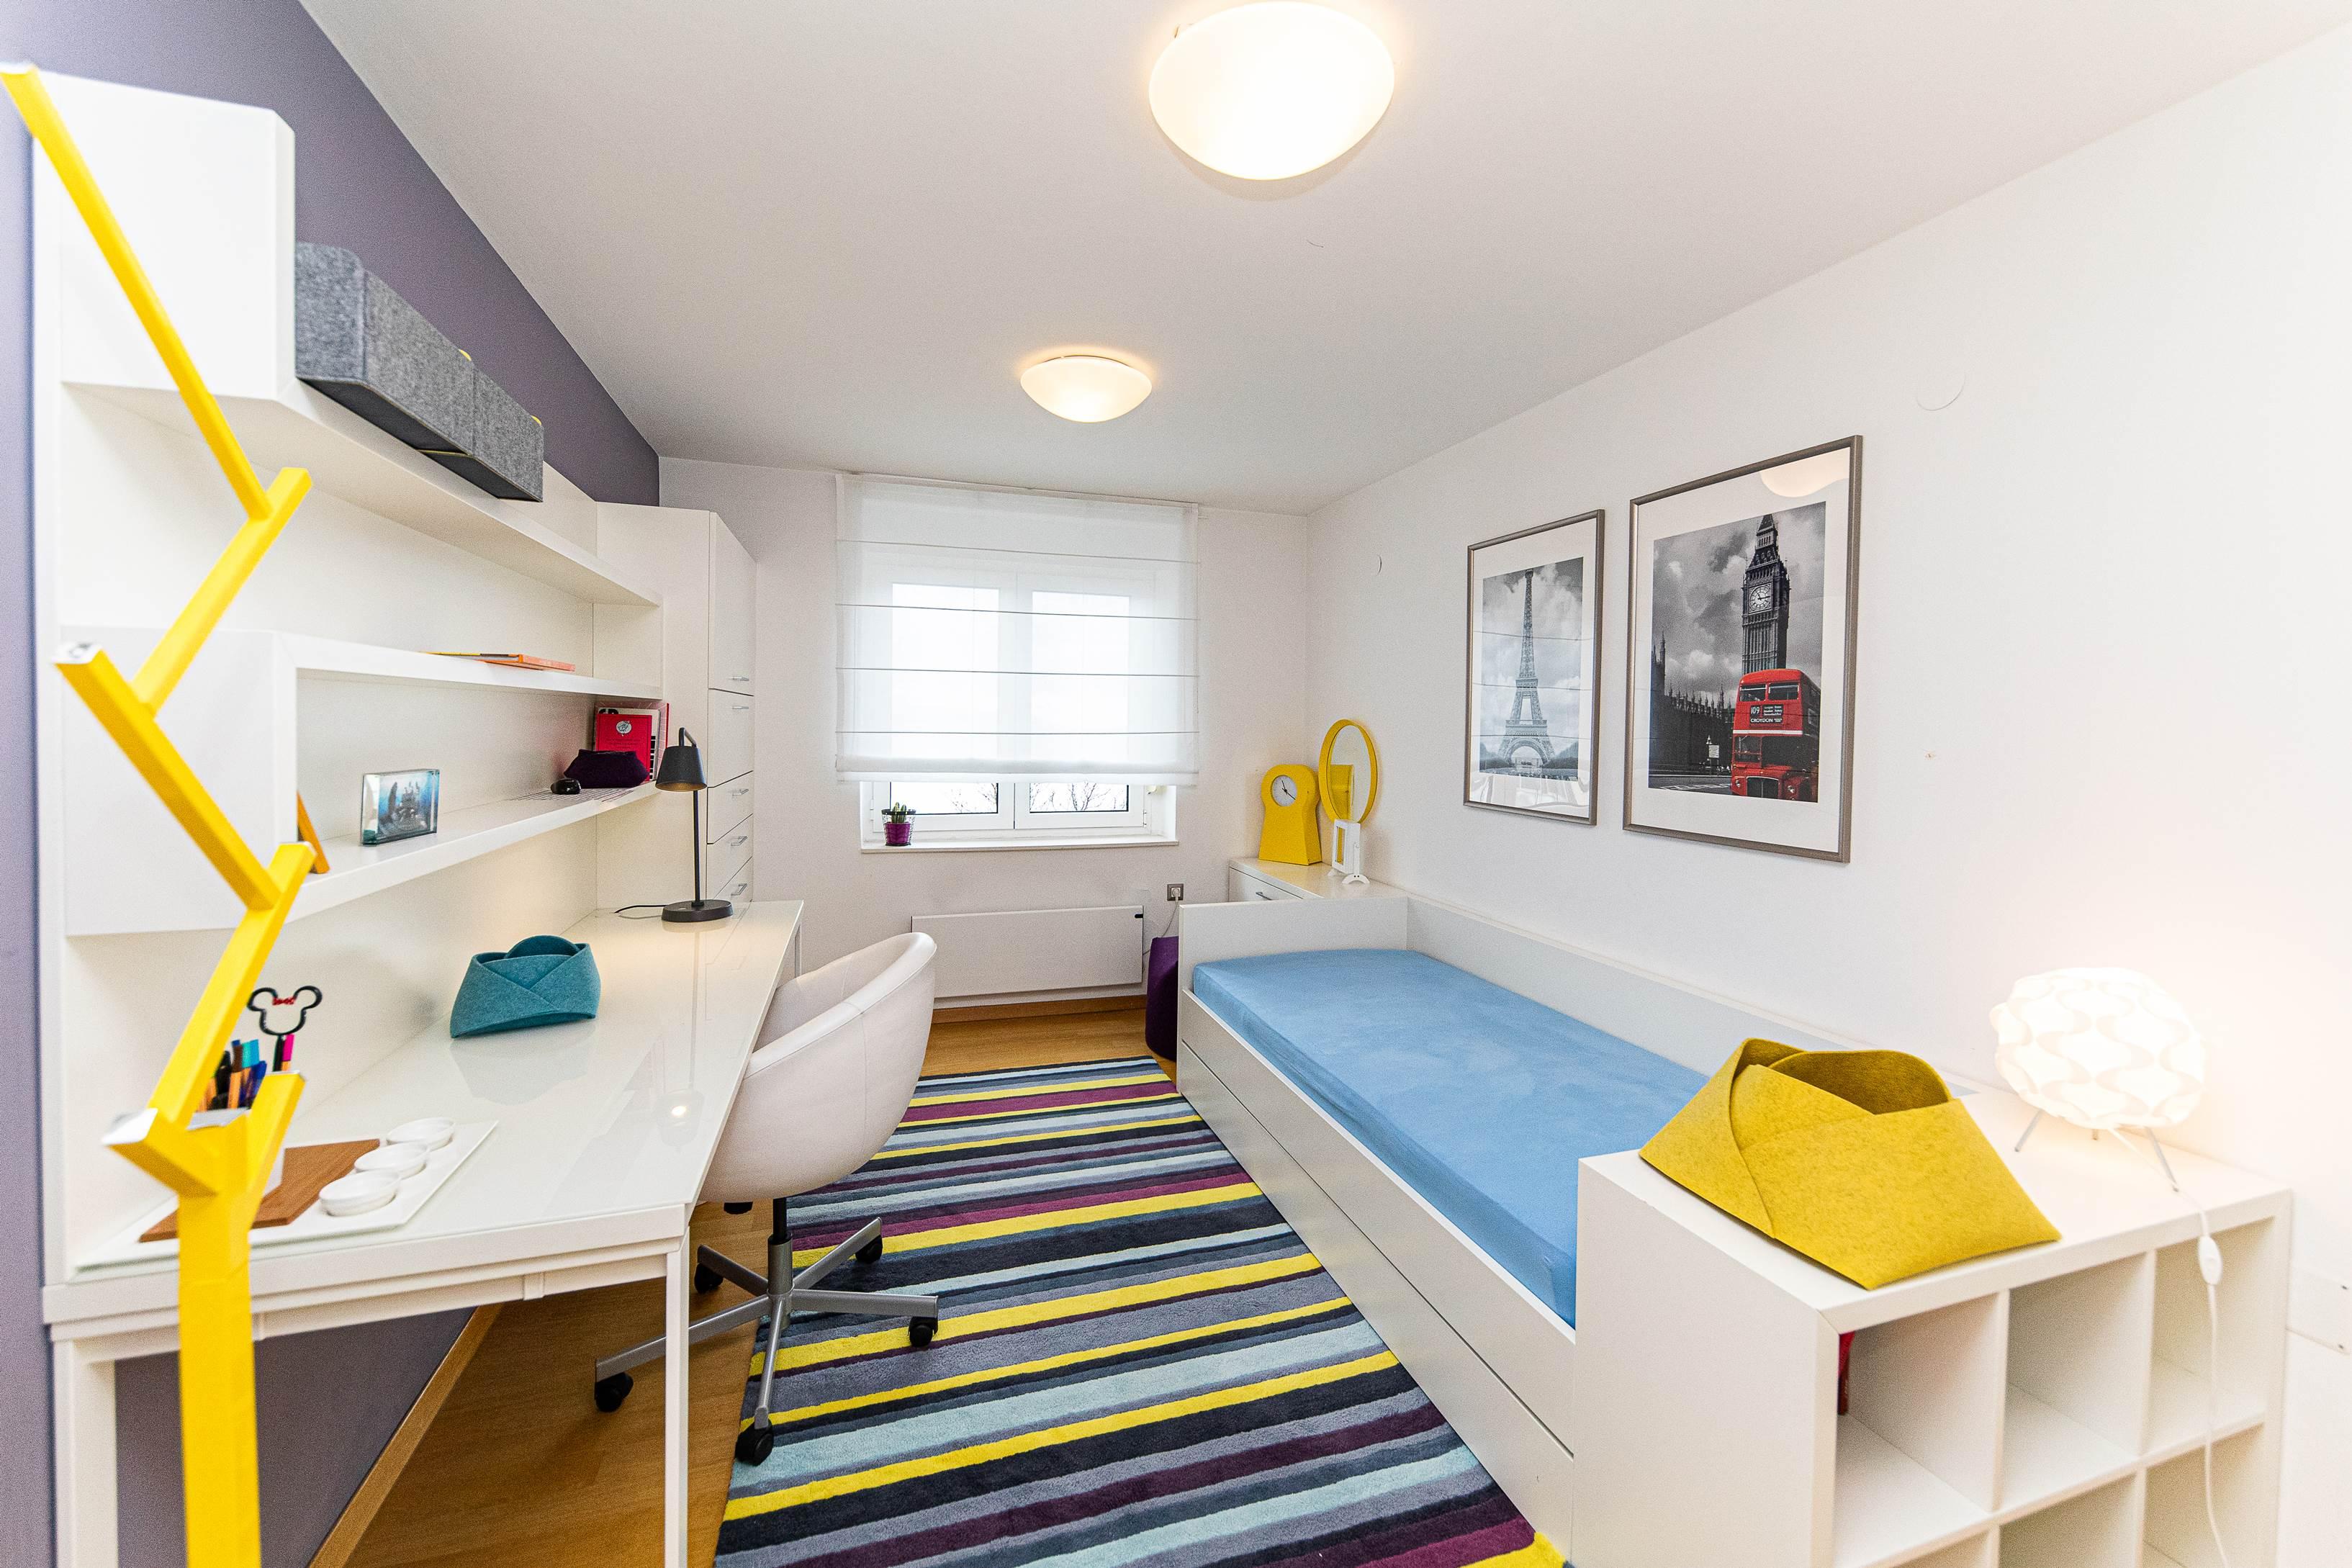 Dom i stil by Dogma: Prelijep obiteljski stan na Kantridi